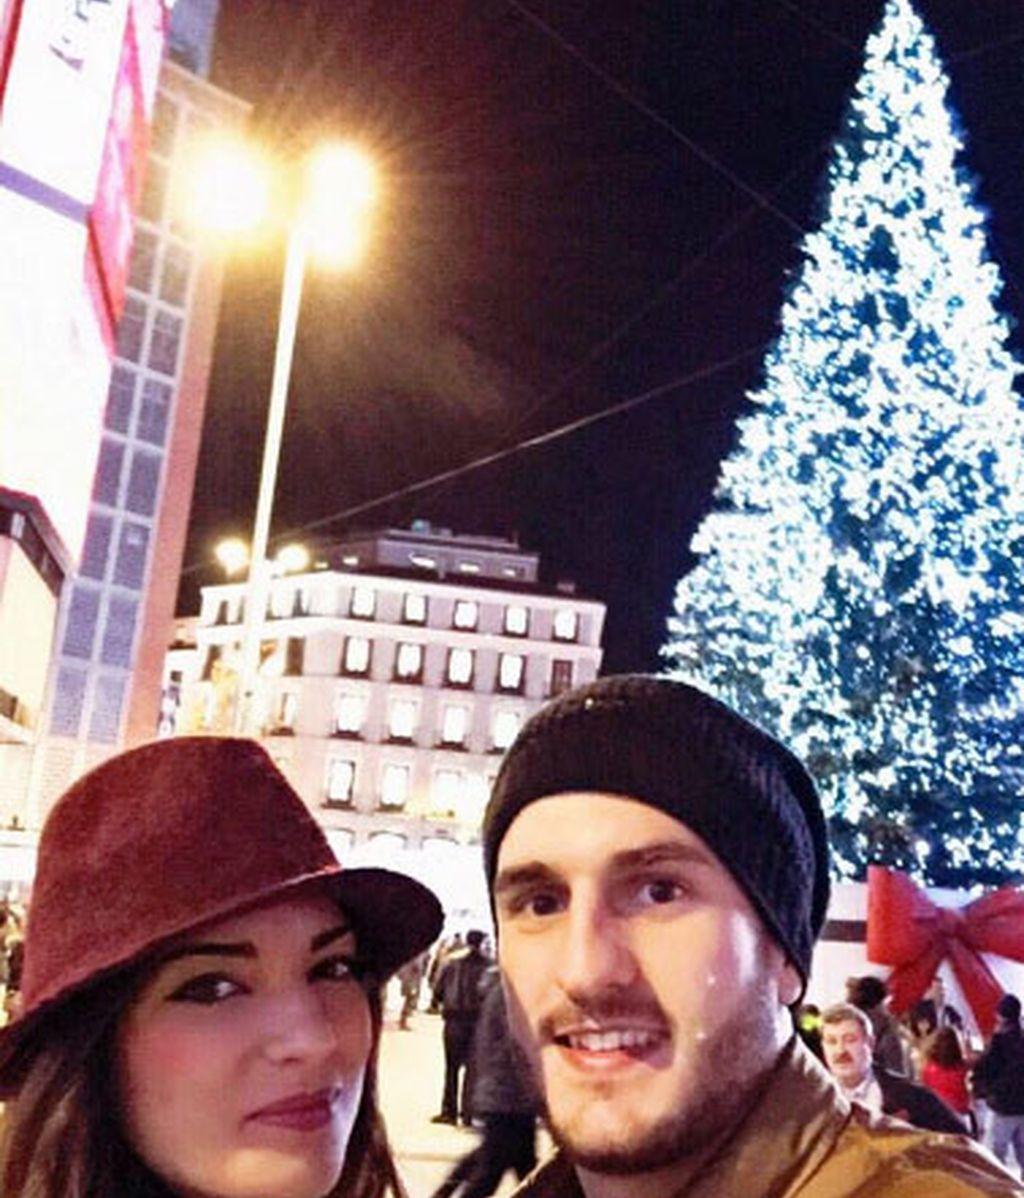 Koke, junto a su novia, en el árbol de la Plaza de Sol de Madrid